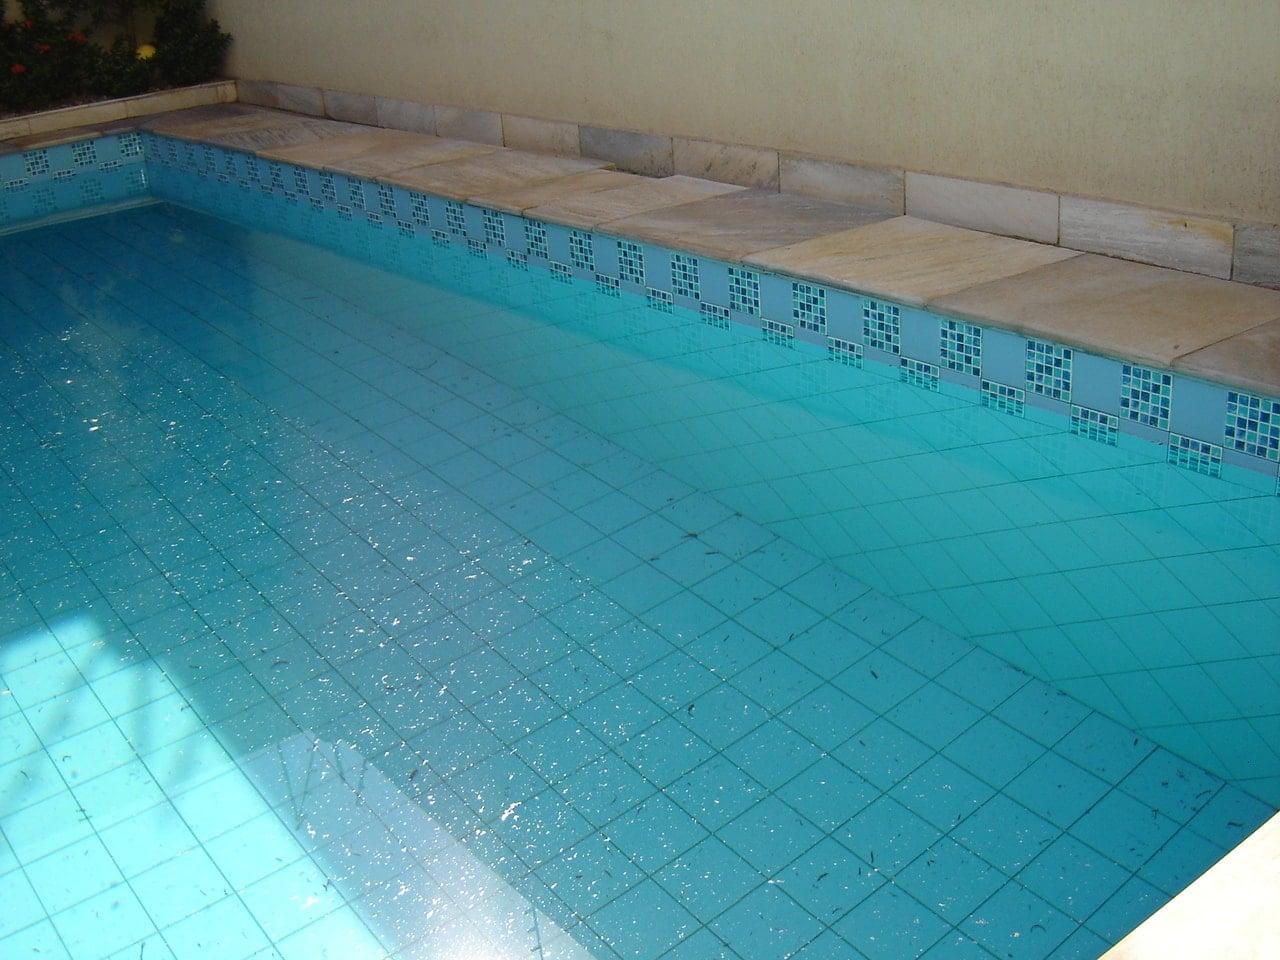 Pulizia della piscina guida rapida tabbid blog for Riparare piscina